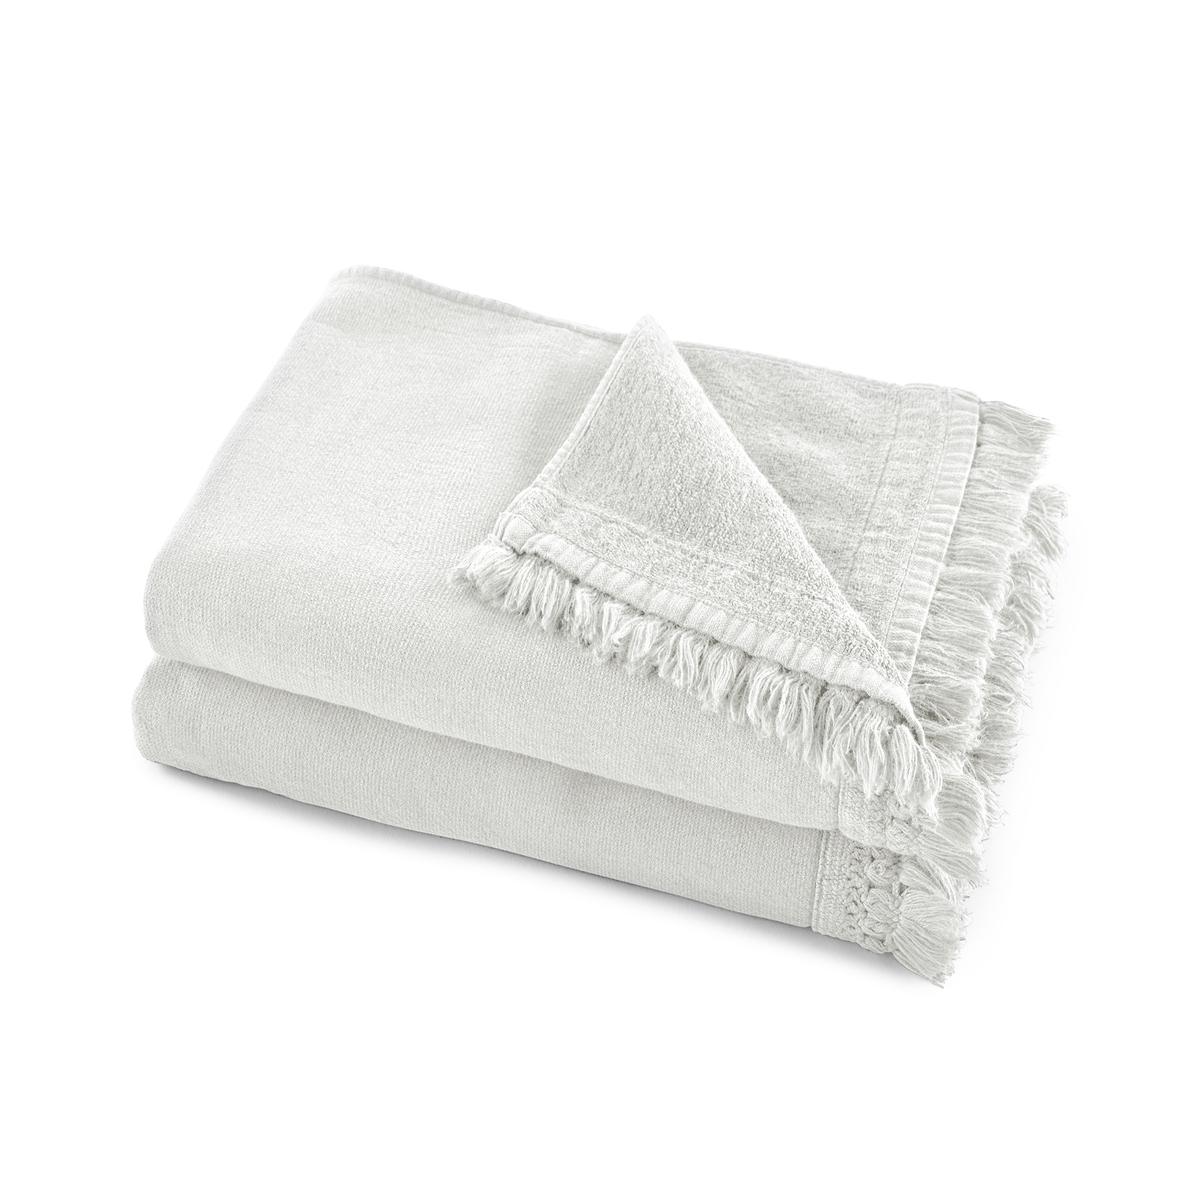 Комплект из двух полотенец из La Redoute Хлопка и льна Kiramy 50 x 100 см белый комплект из полотенце для la redoute рук из хлопка и льна nipaly 50 x 100 см белый